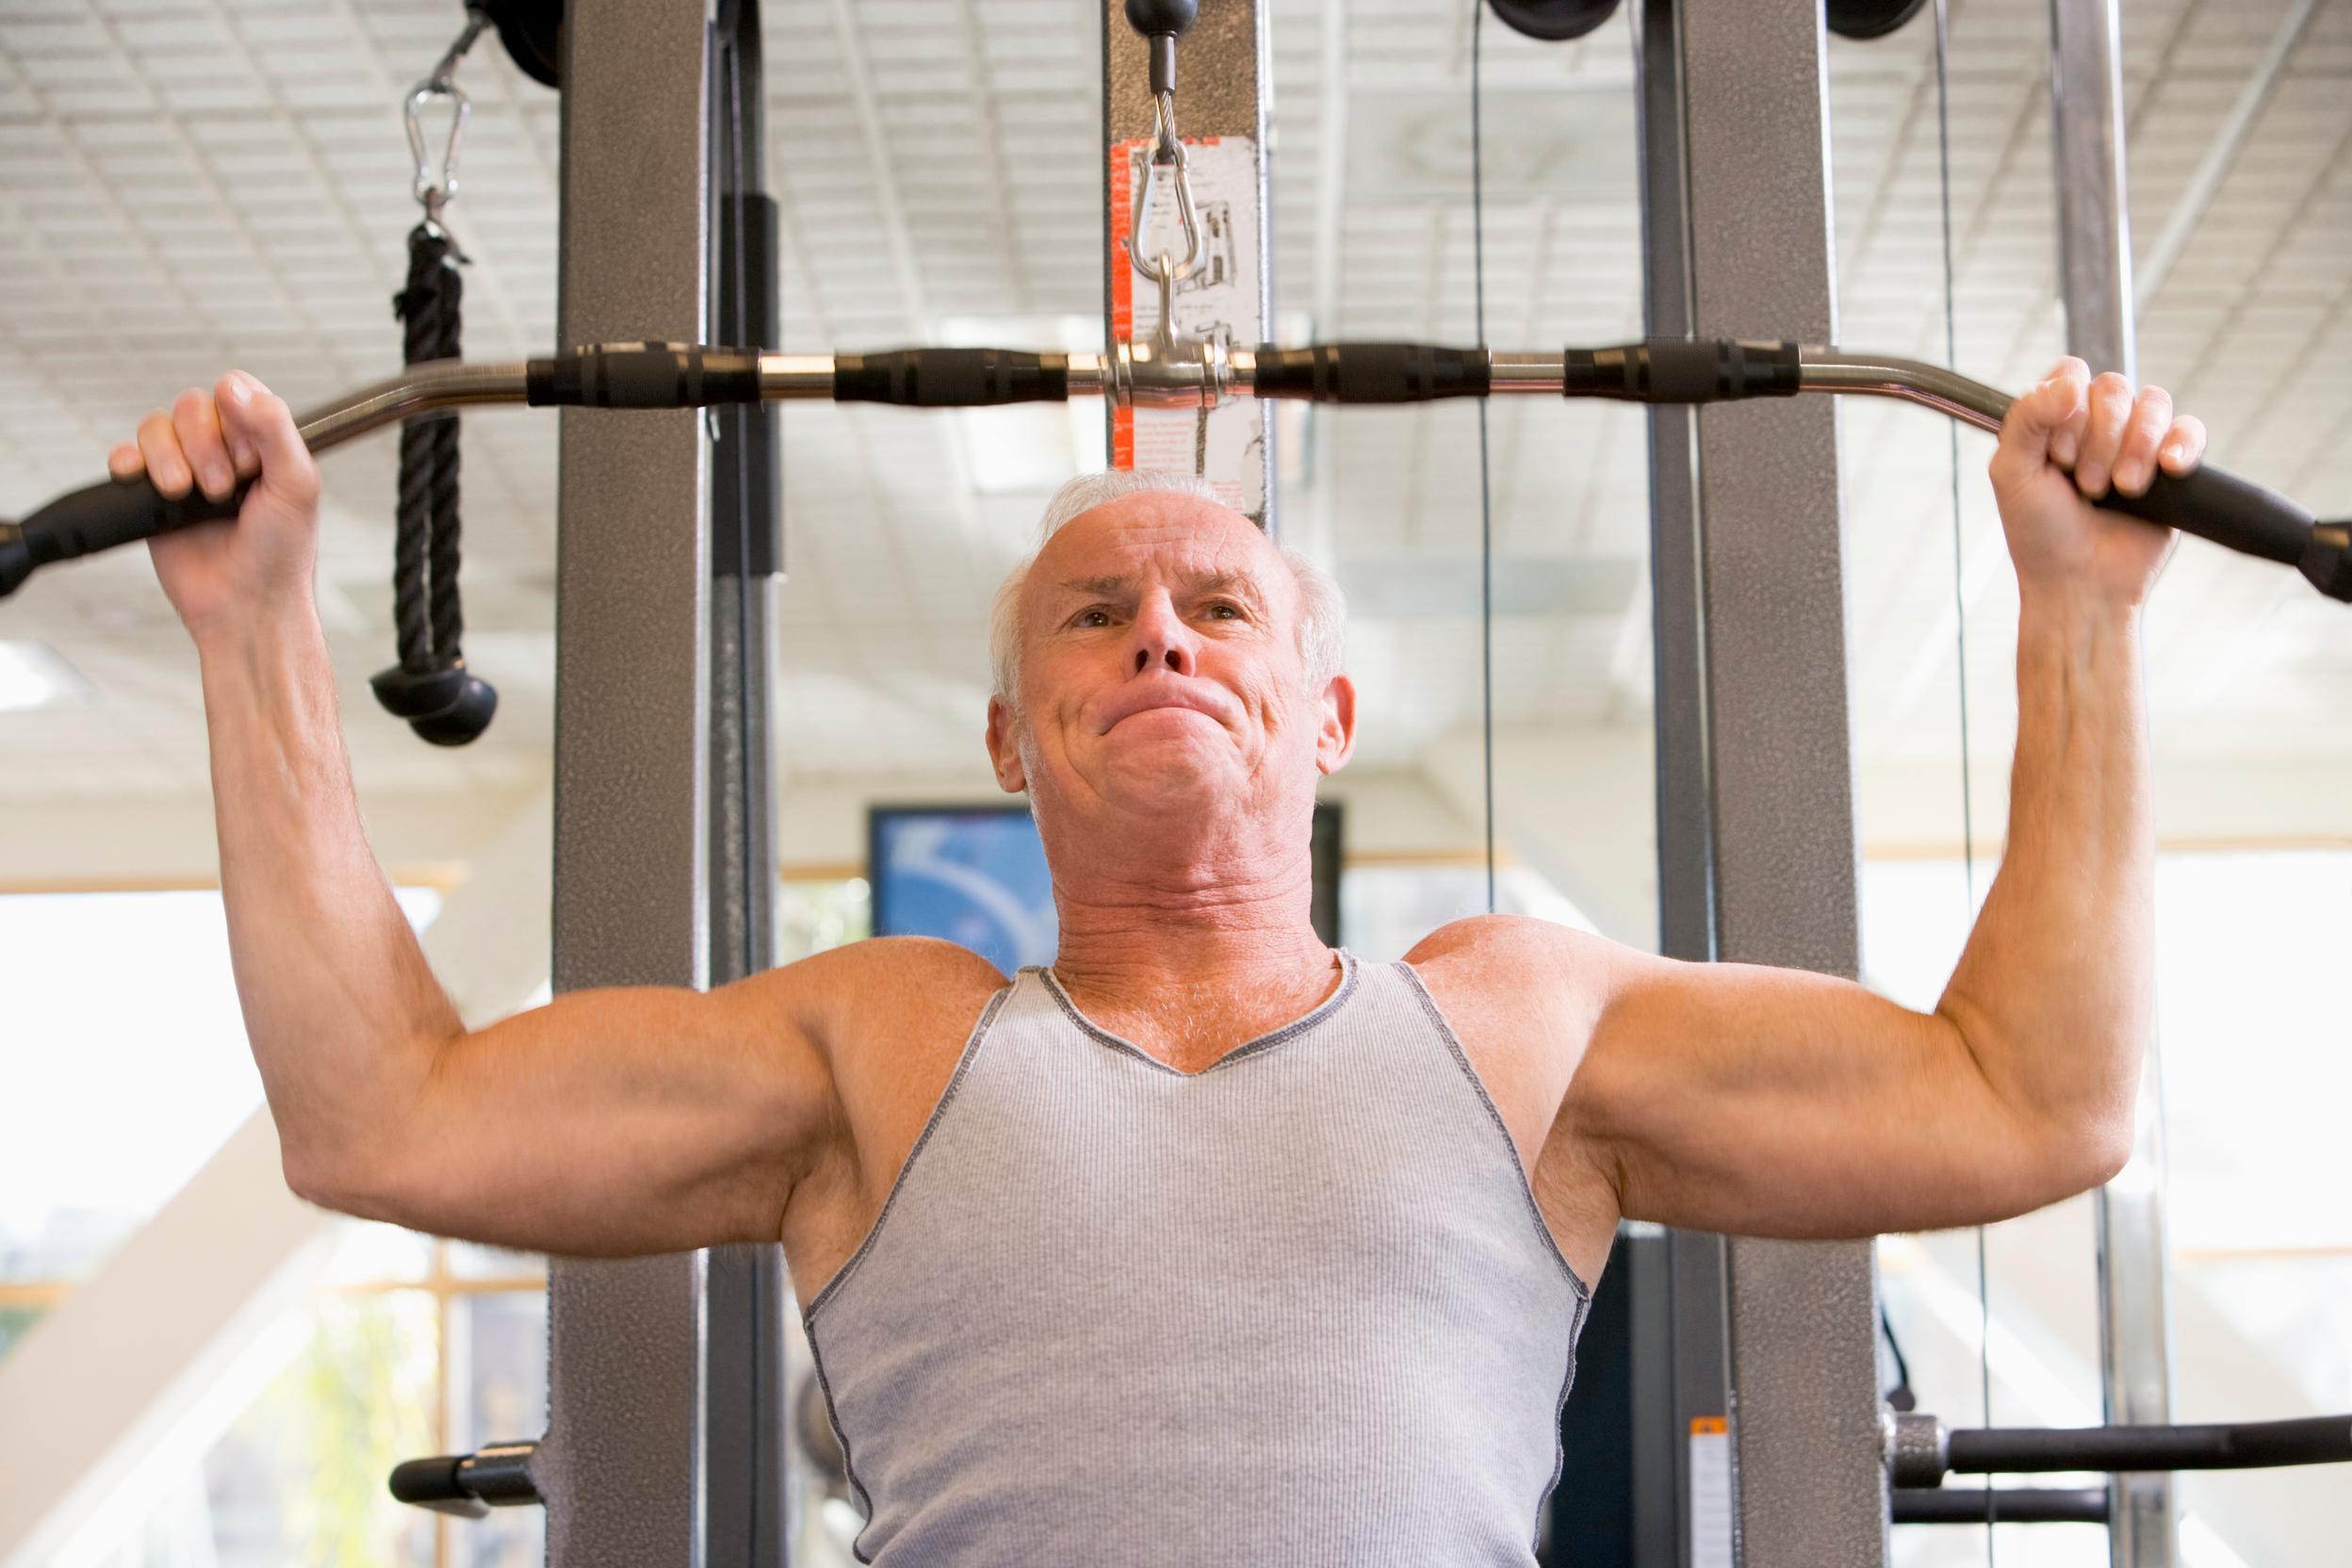 Seniorensport darf ruhig häufiger sein